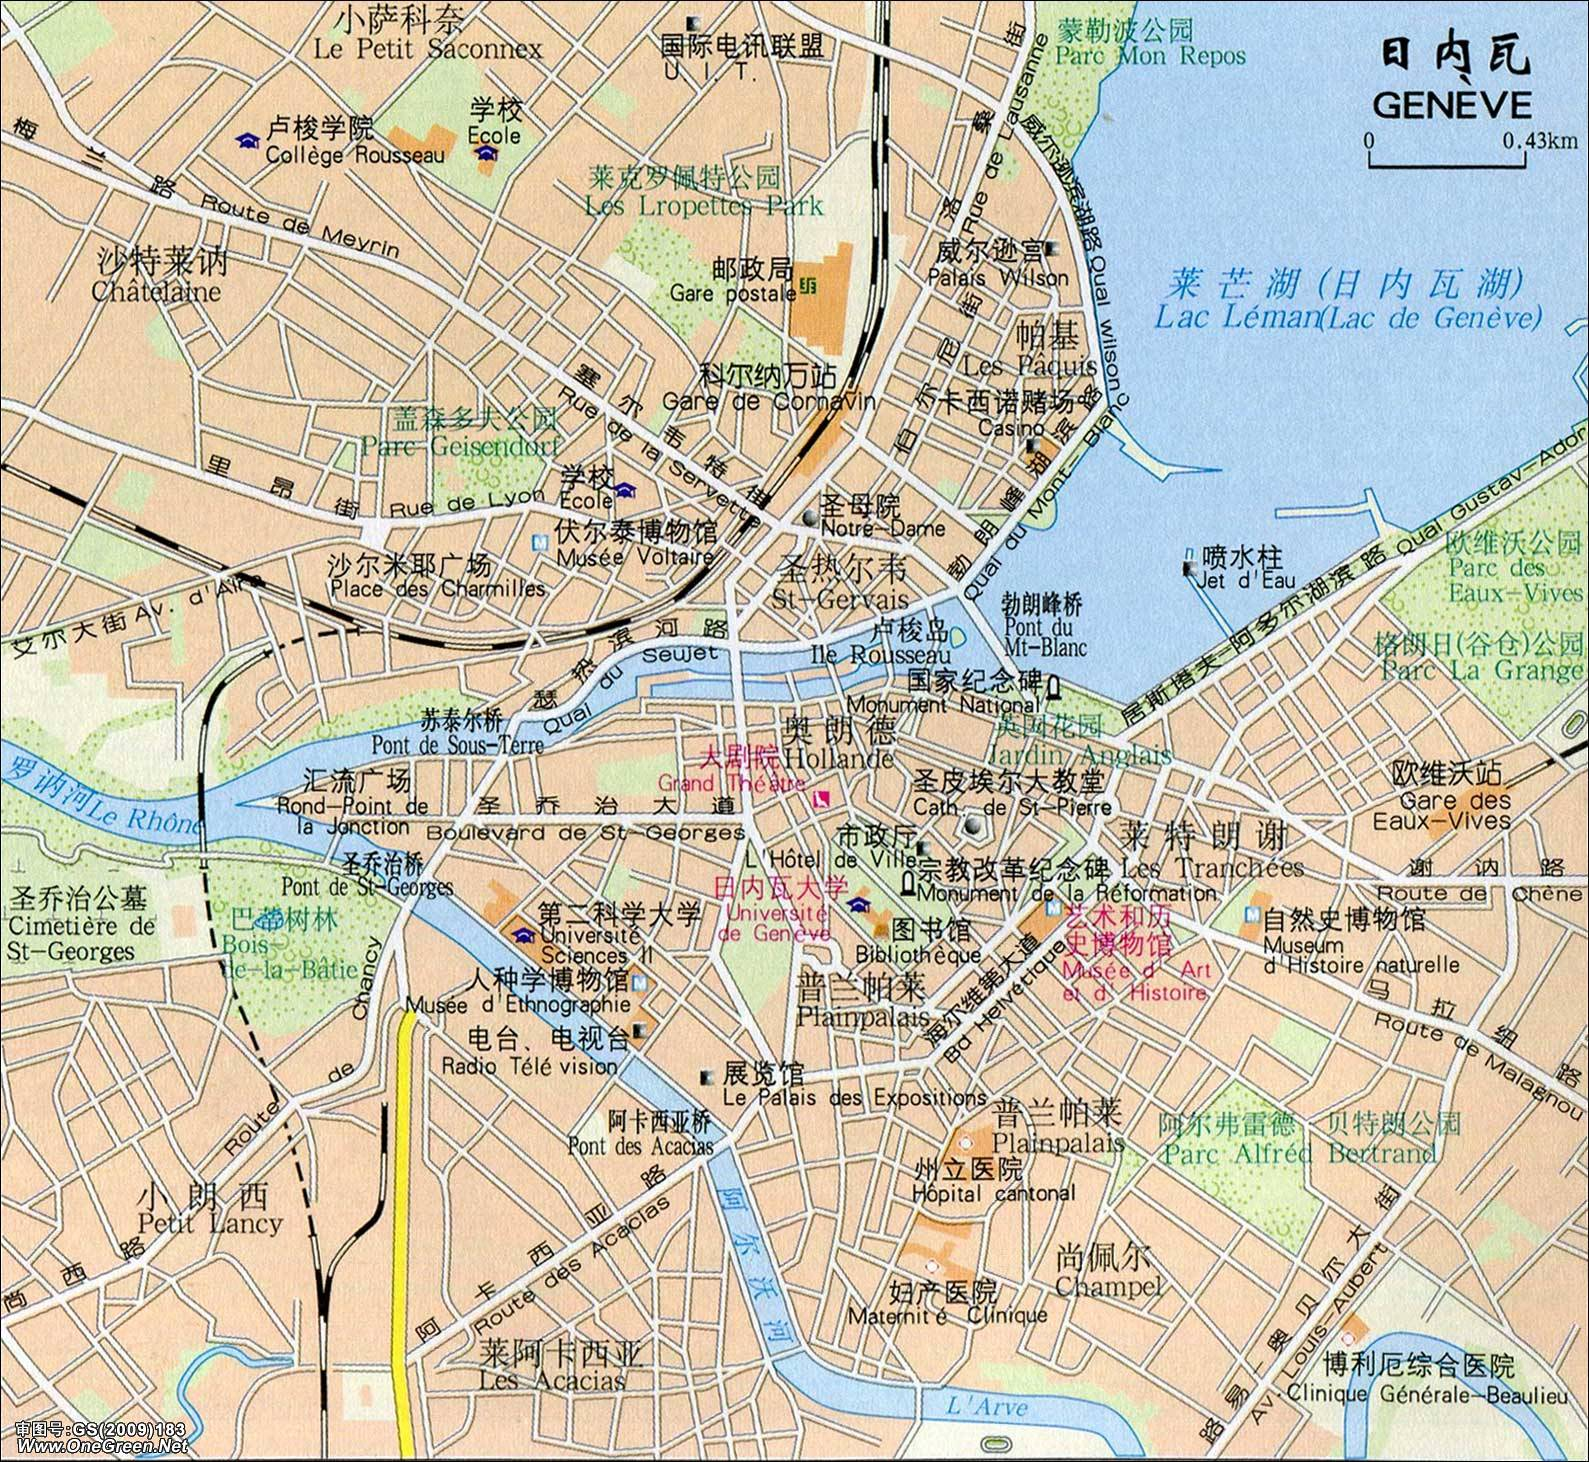 > 日內瓦地圖    地圖查詢 分享到: 行政地圖 | 旅游地圖 | 景點地圖